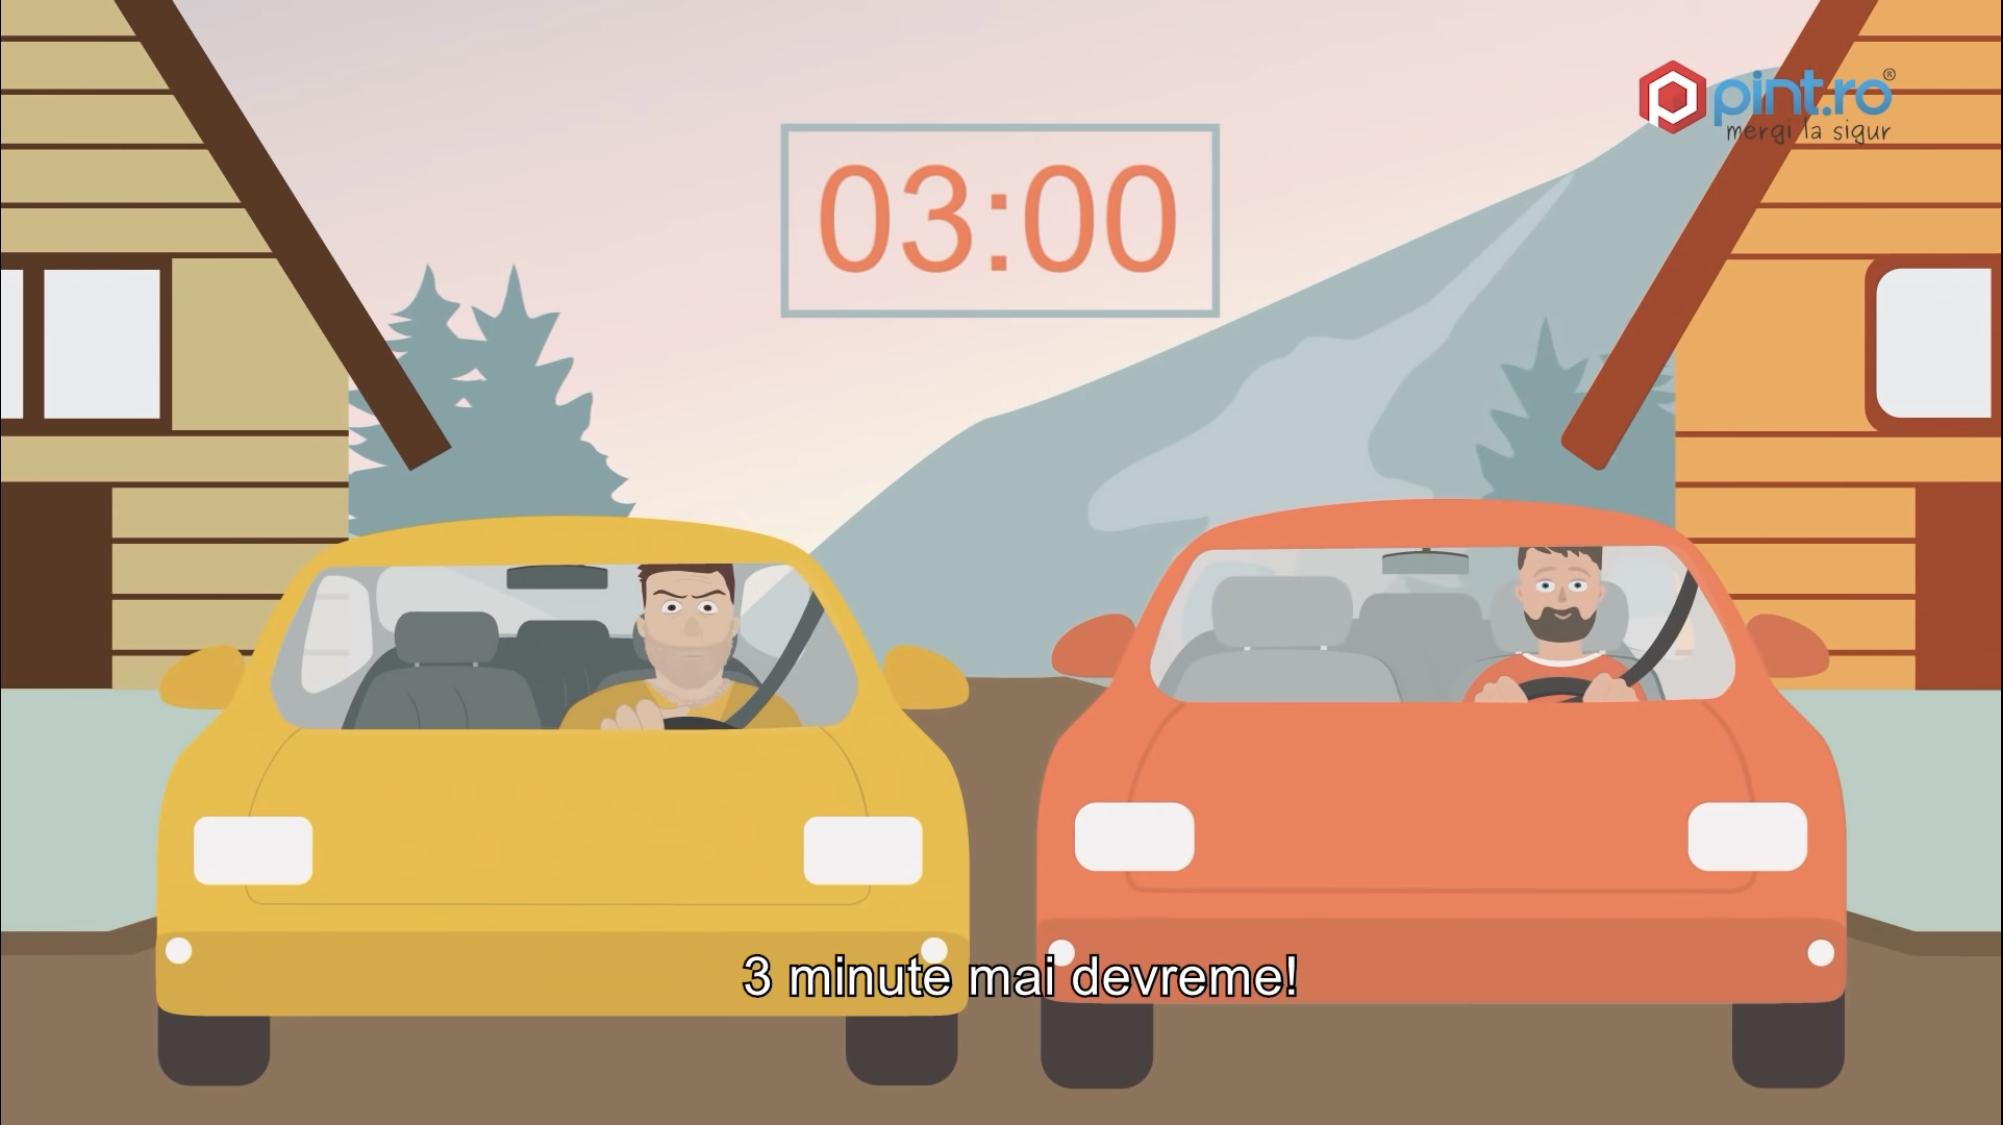 Fără grabă, o campanie de conștientizare a siguranței rutiere de Pint.ro